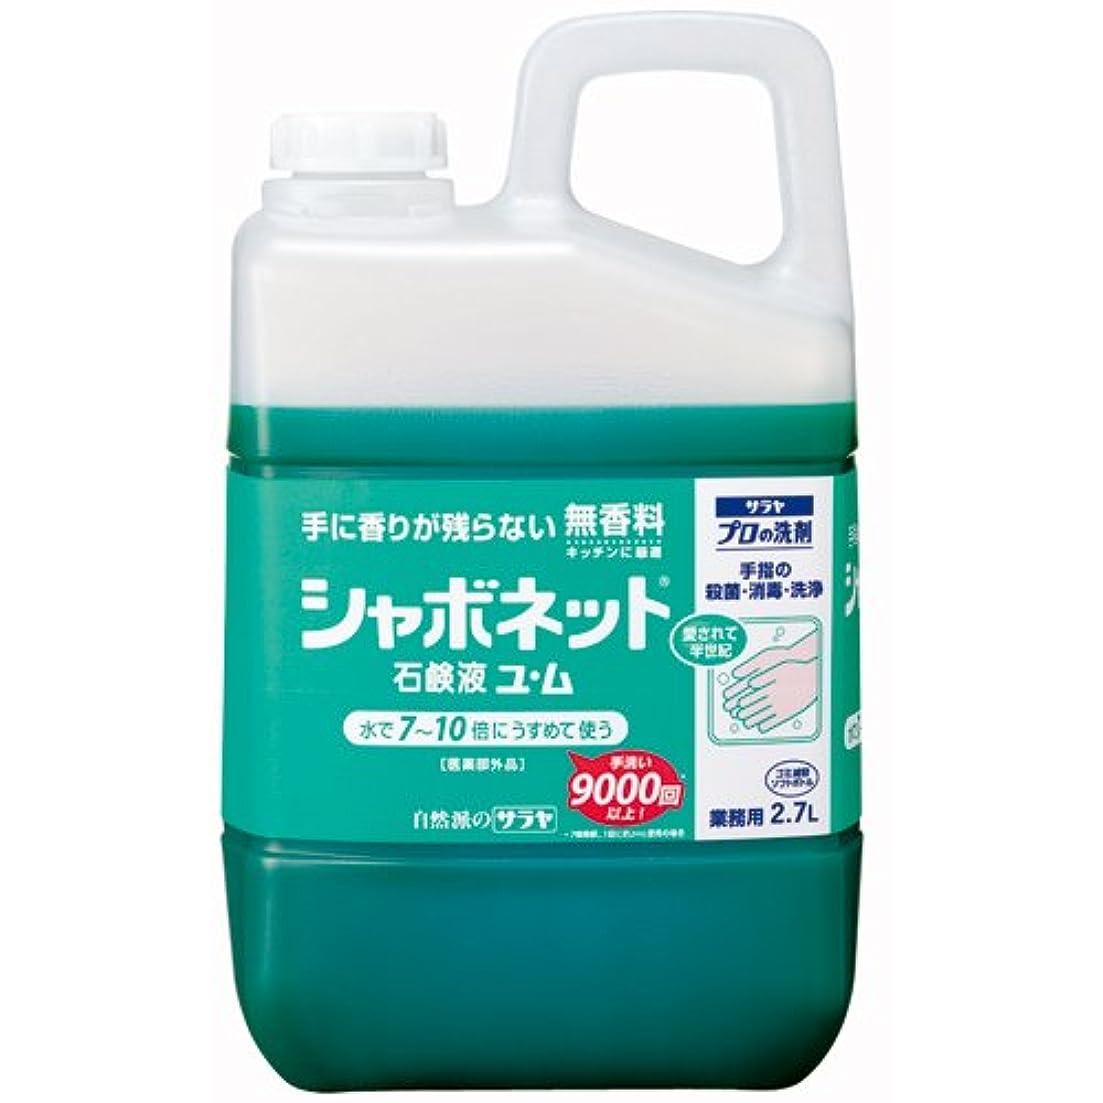 激しいファランクス毒液サラヤ シャボネット石鹸液 ユ?ム 無香料 業務用 2.7L